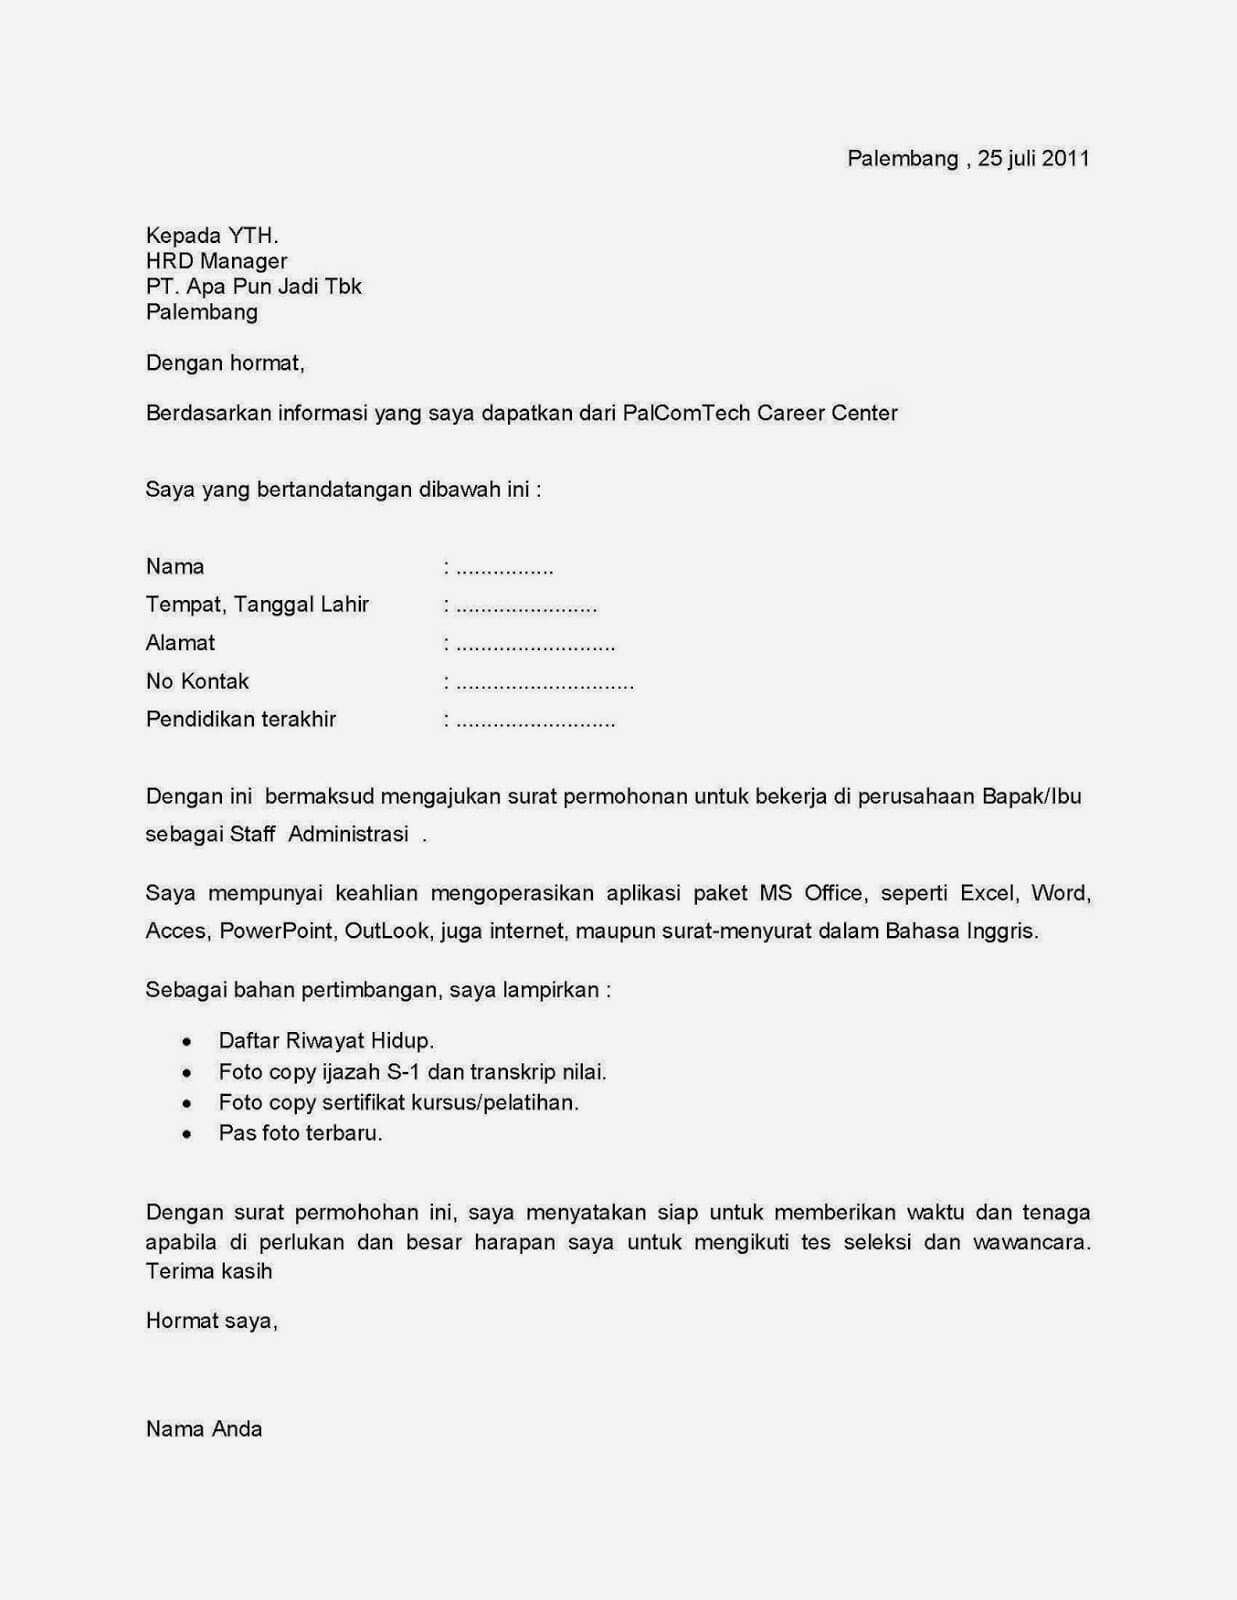 Contoh Surat Lamaran kerja Customer Service di Perusahaan